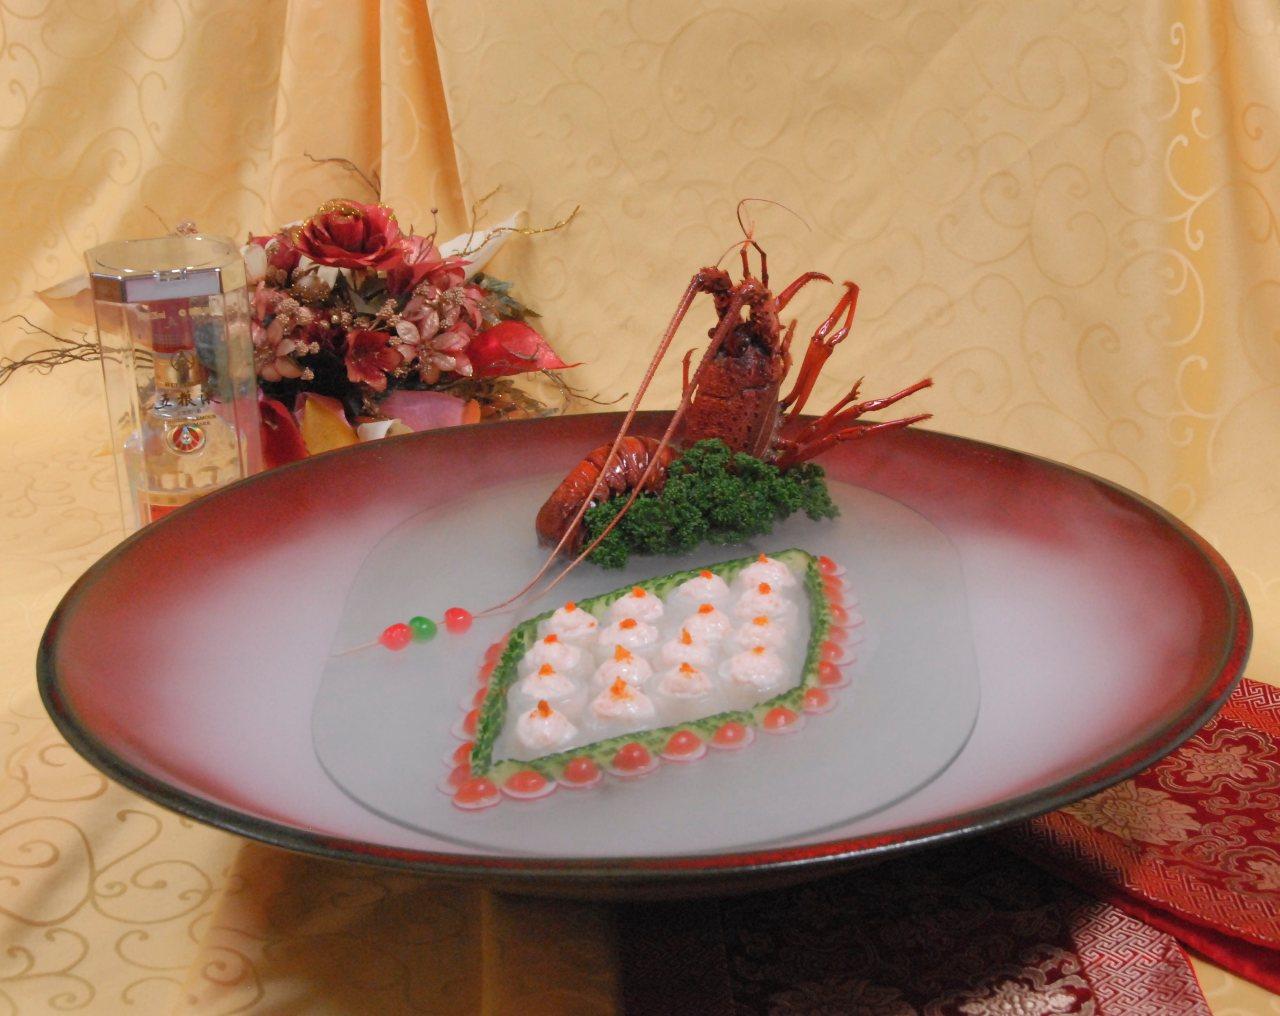 シノワーズ 南翔 中国式洋風料理店のイメージ写真